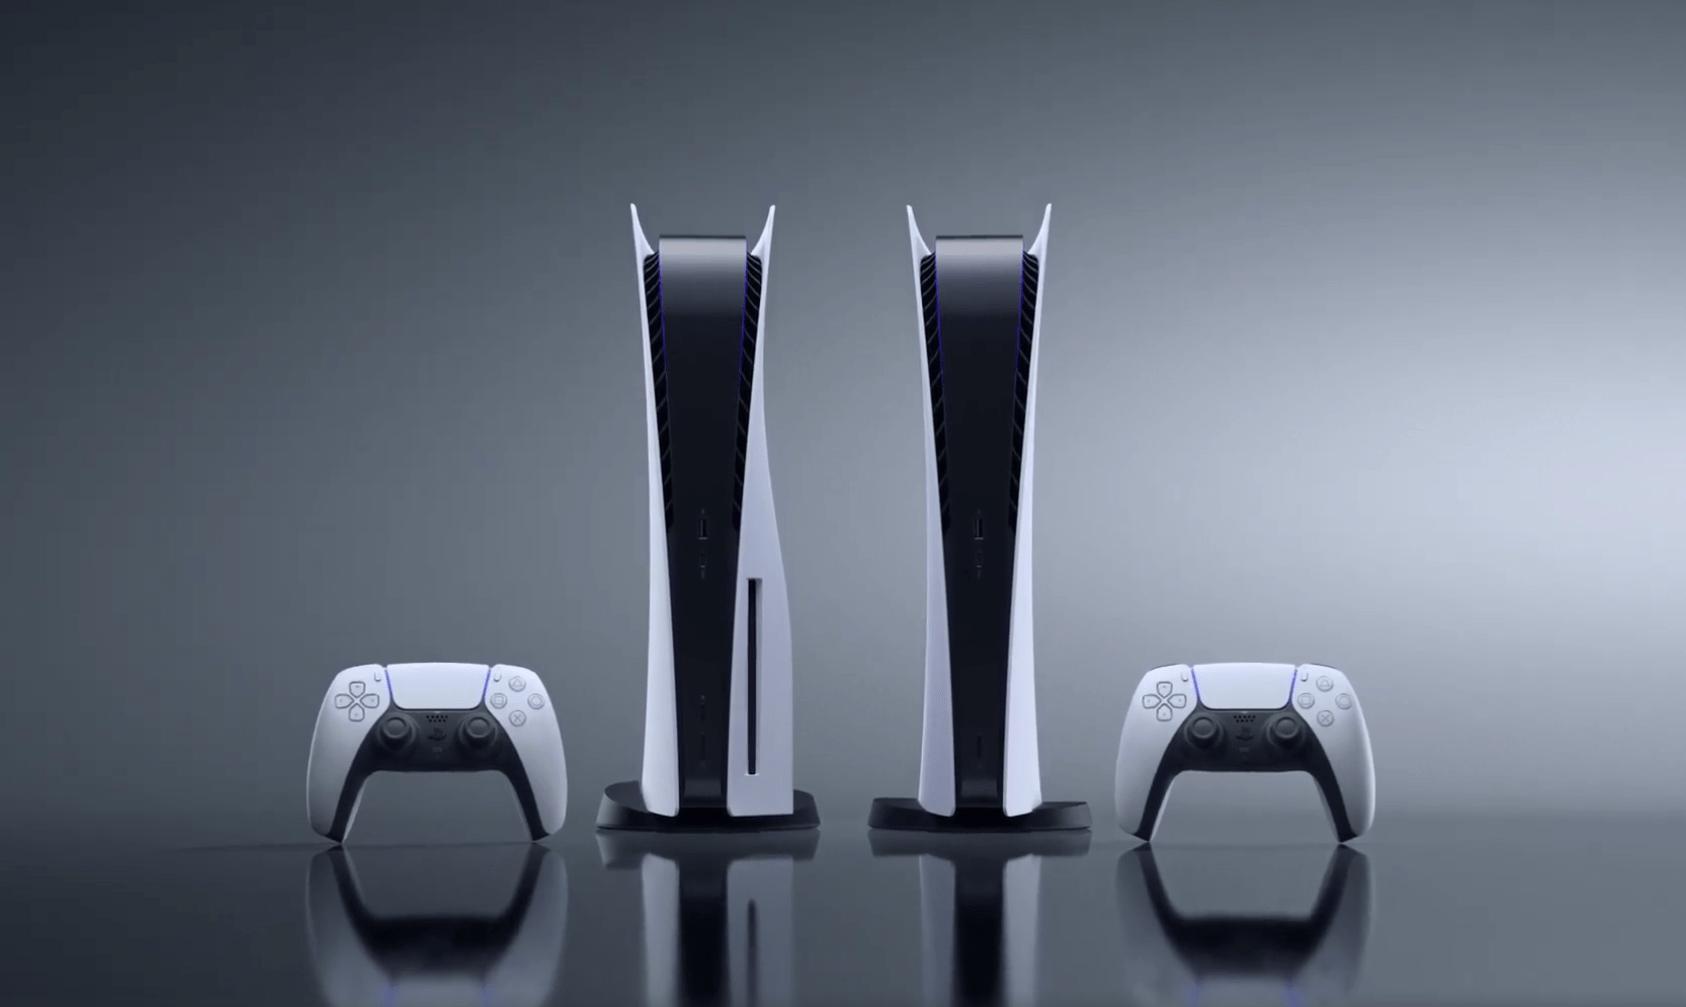 780万台!索尼PS5全球销量暴涨,国内玩家明天就能预定